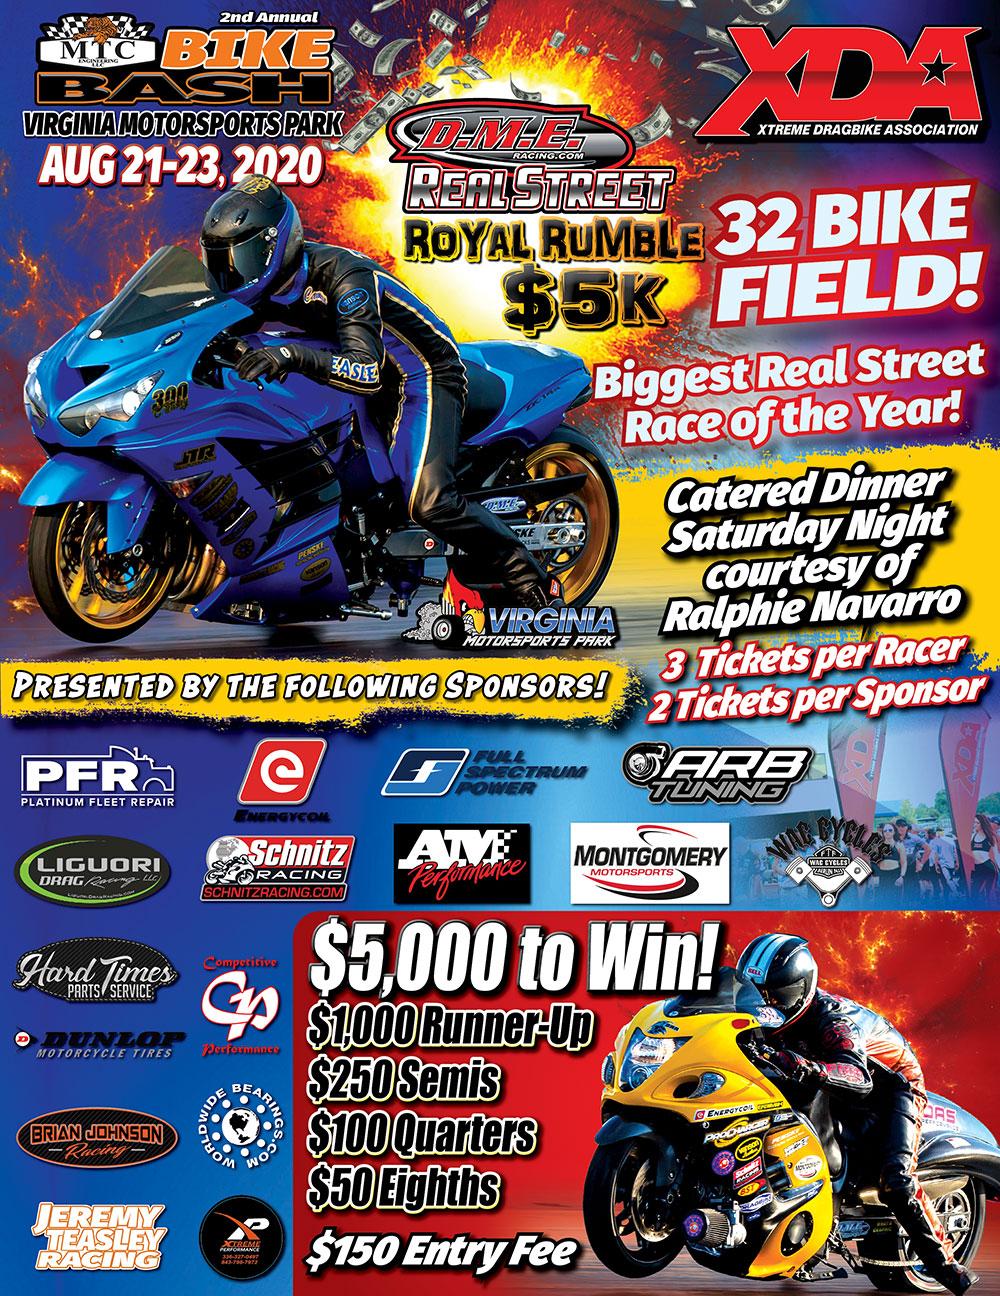 2020 XDA Real Street Royal Rumble - Motorcycle Drag Racing